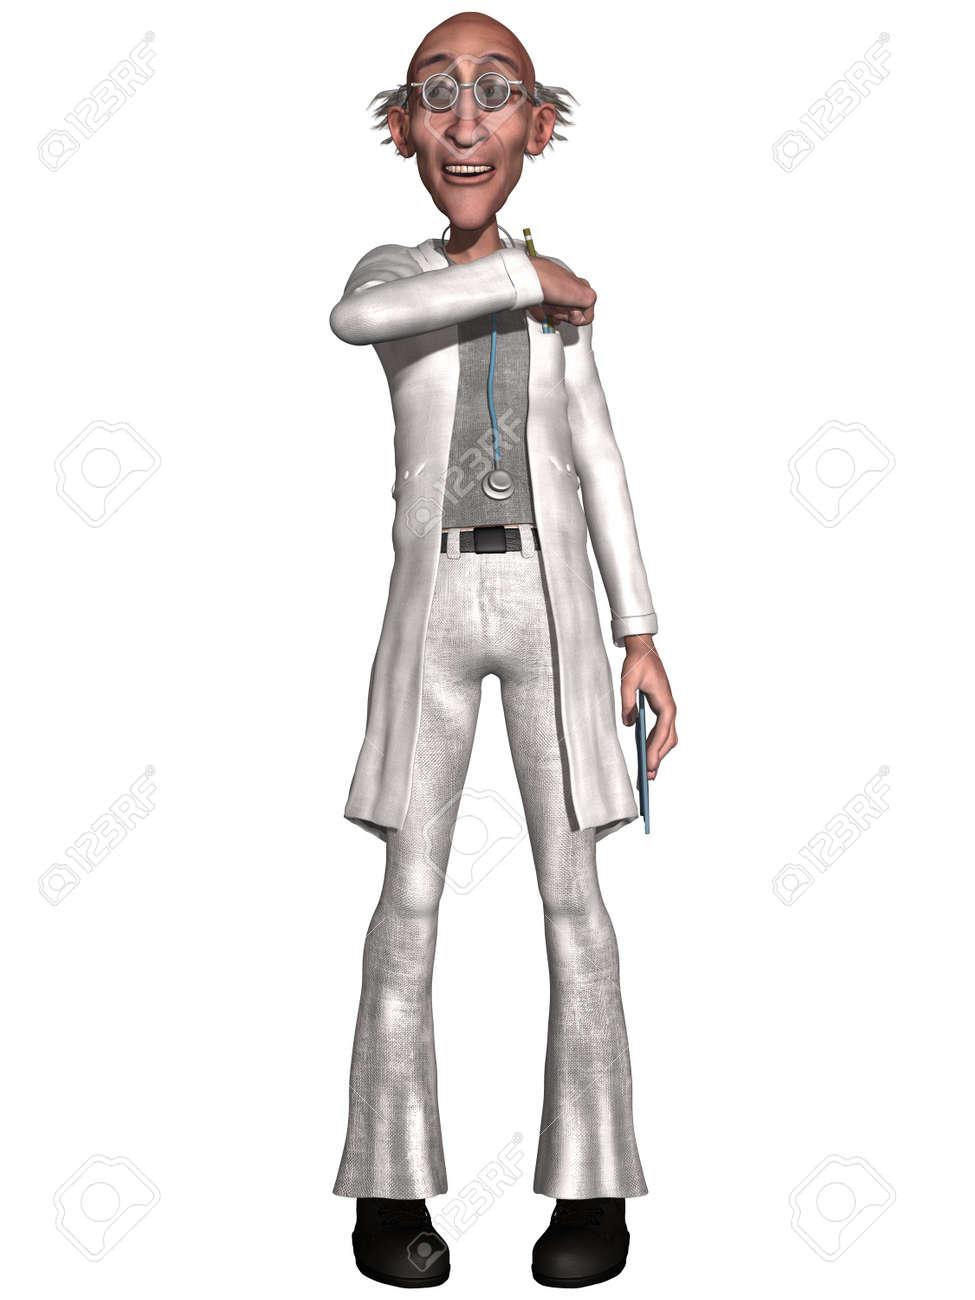 Crazy doctor Stock Photo - 10135605